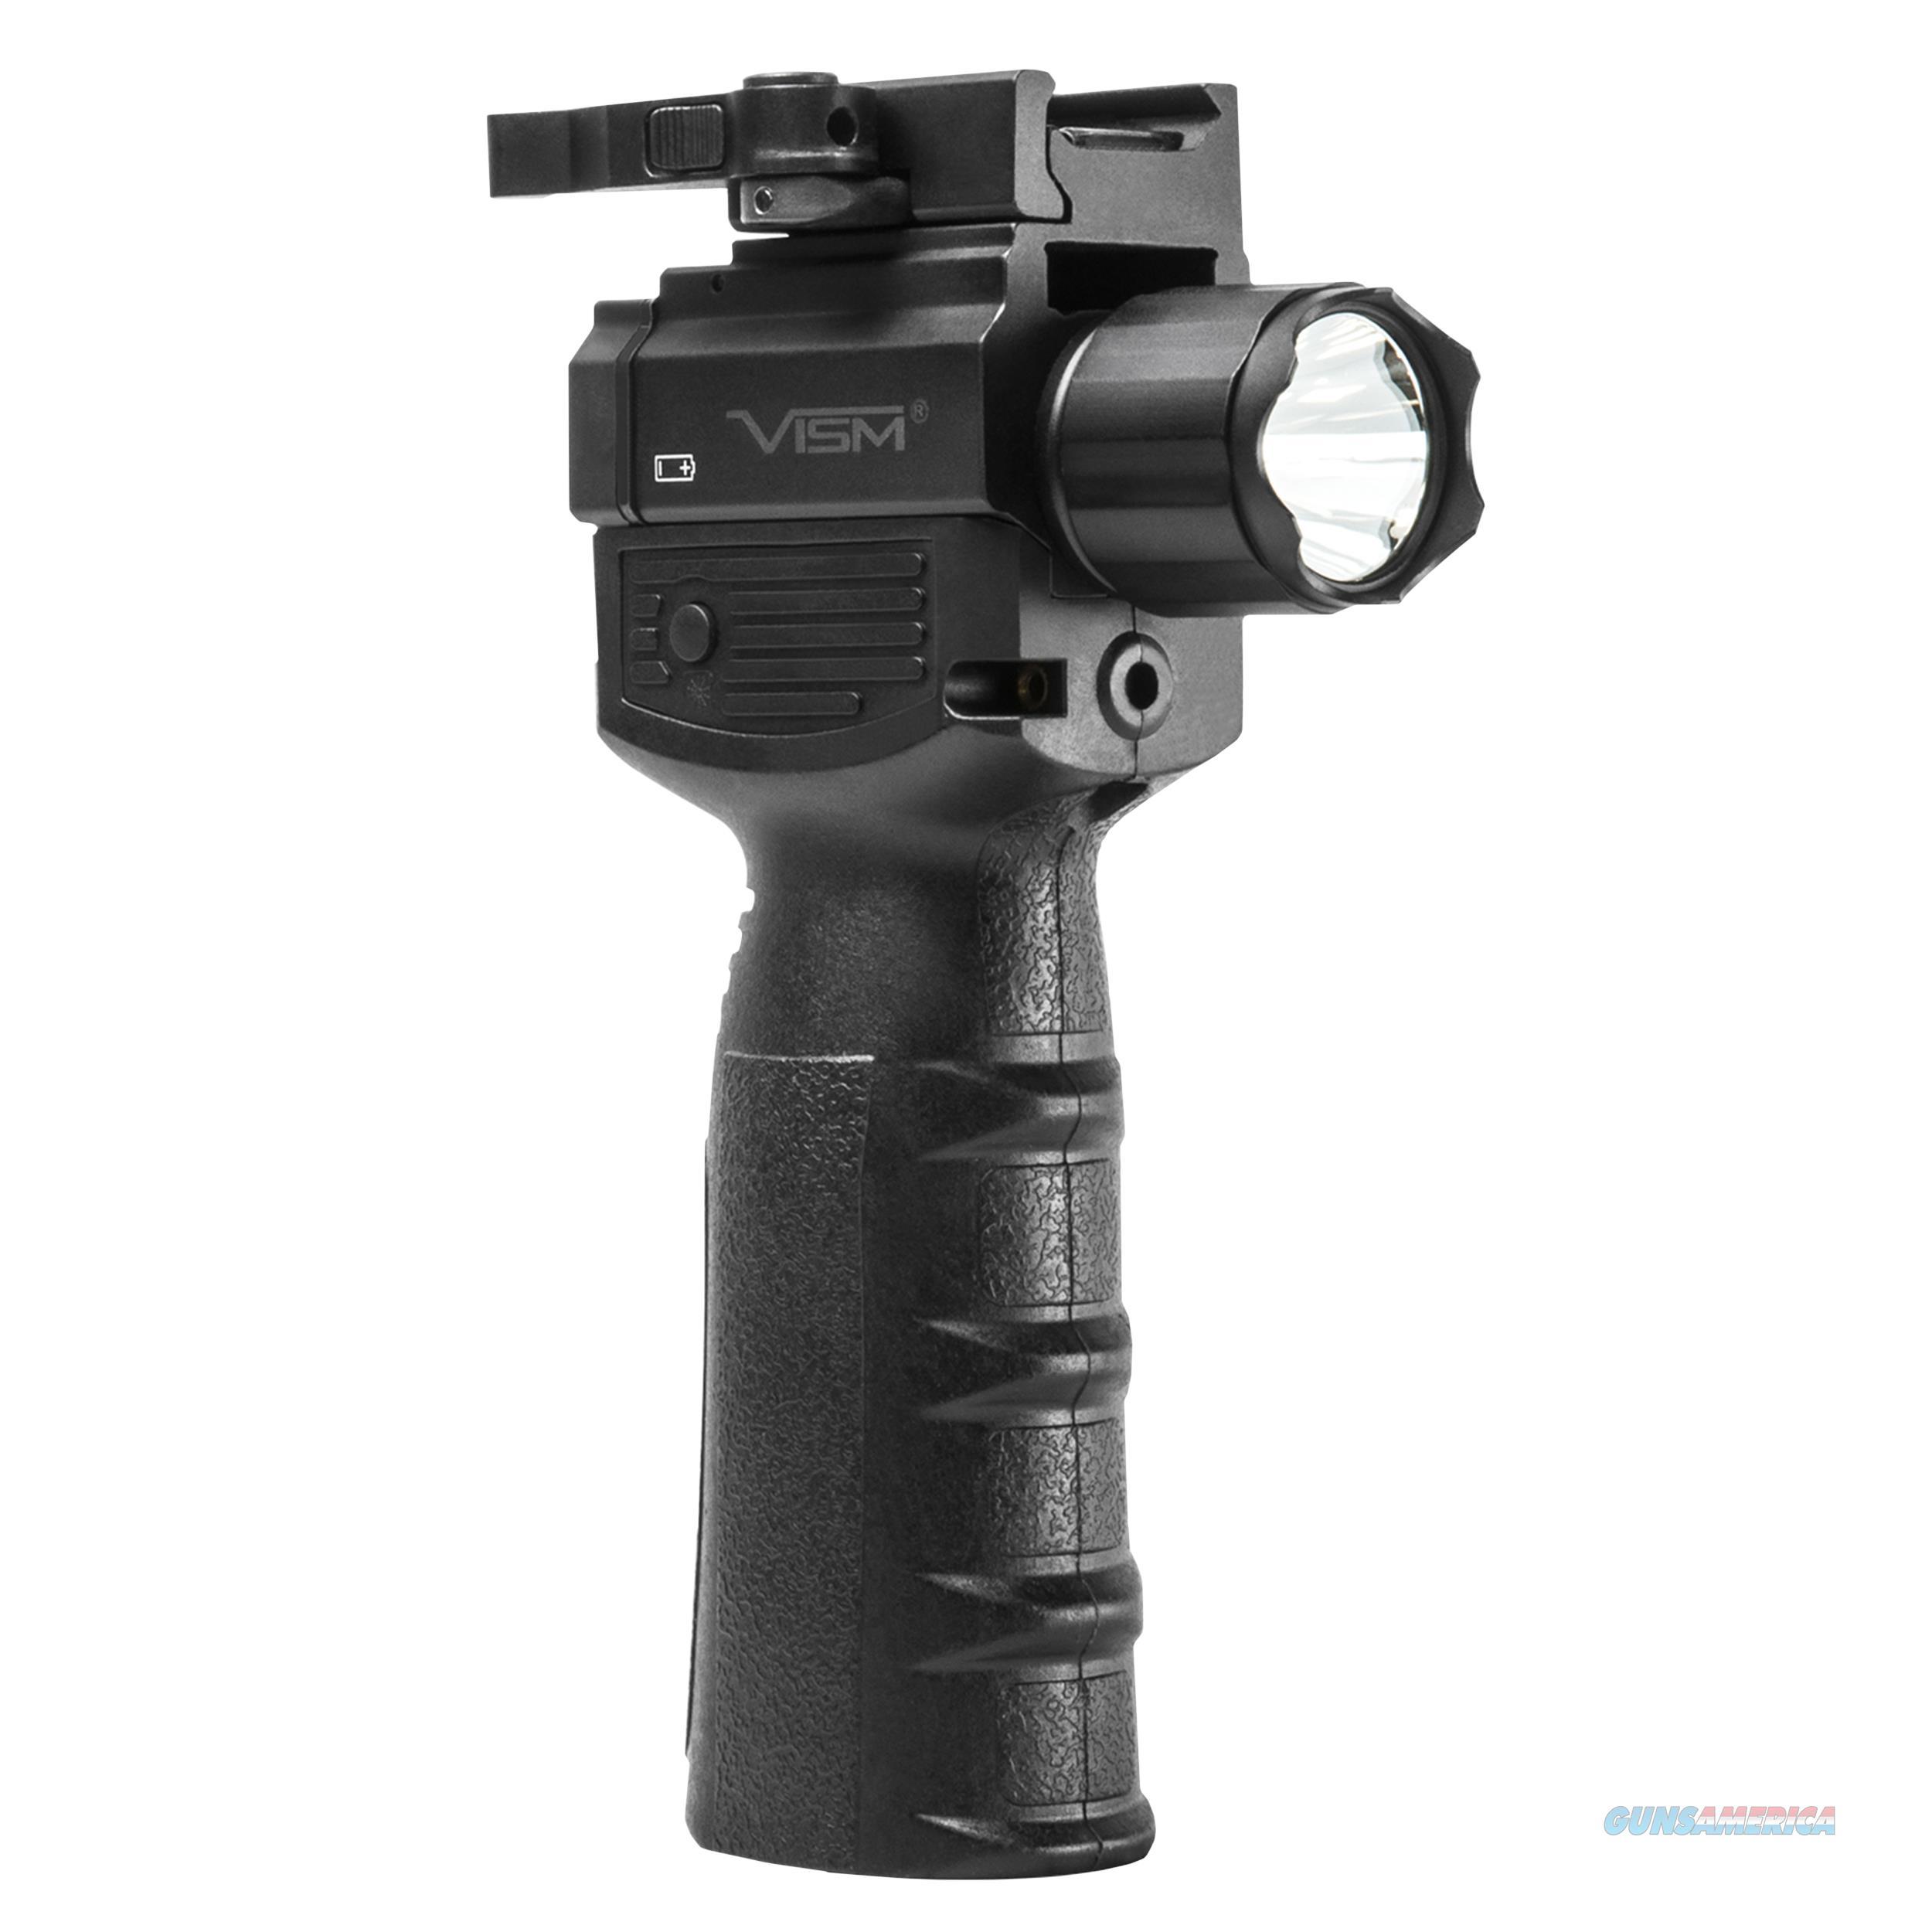 Ncstar Vert Grip Light/ Red Laser VAQVGFLRV2  Non-Guns > Gun Parts > Misc > Rifles